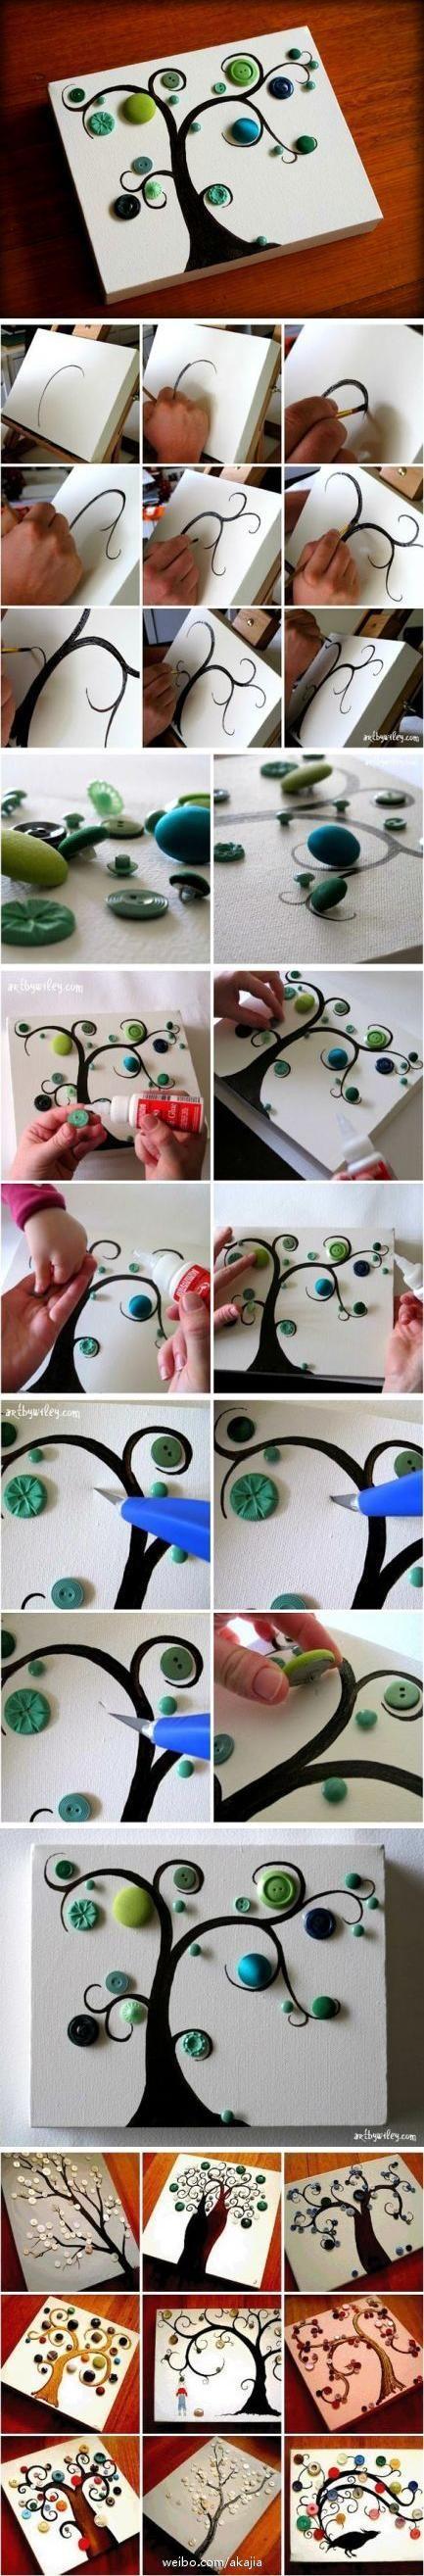 【亲子DIY】 绝佳亲子游戏,和宝宝一直制作扣子树~~~ 漂亮又有趣。还能永久保留……装饰起来~~~ 另外, 图片里的小圆手好嫩啊!!